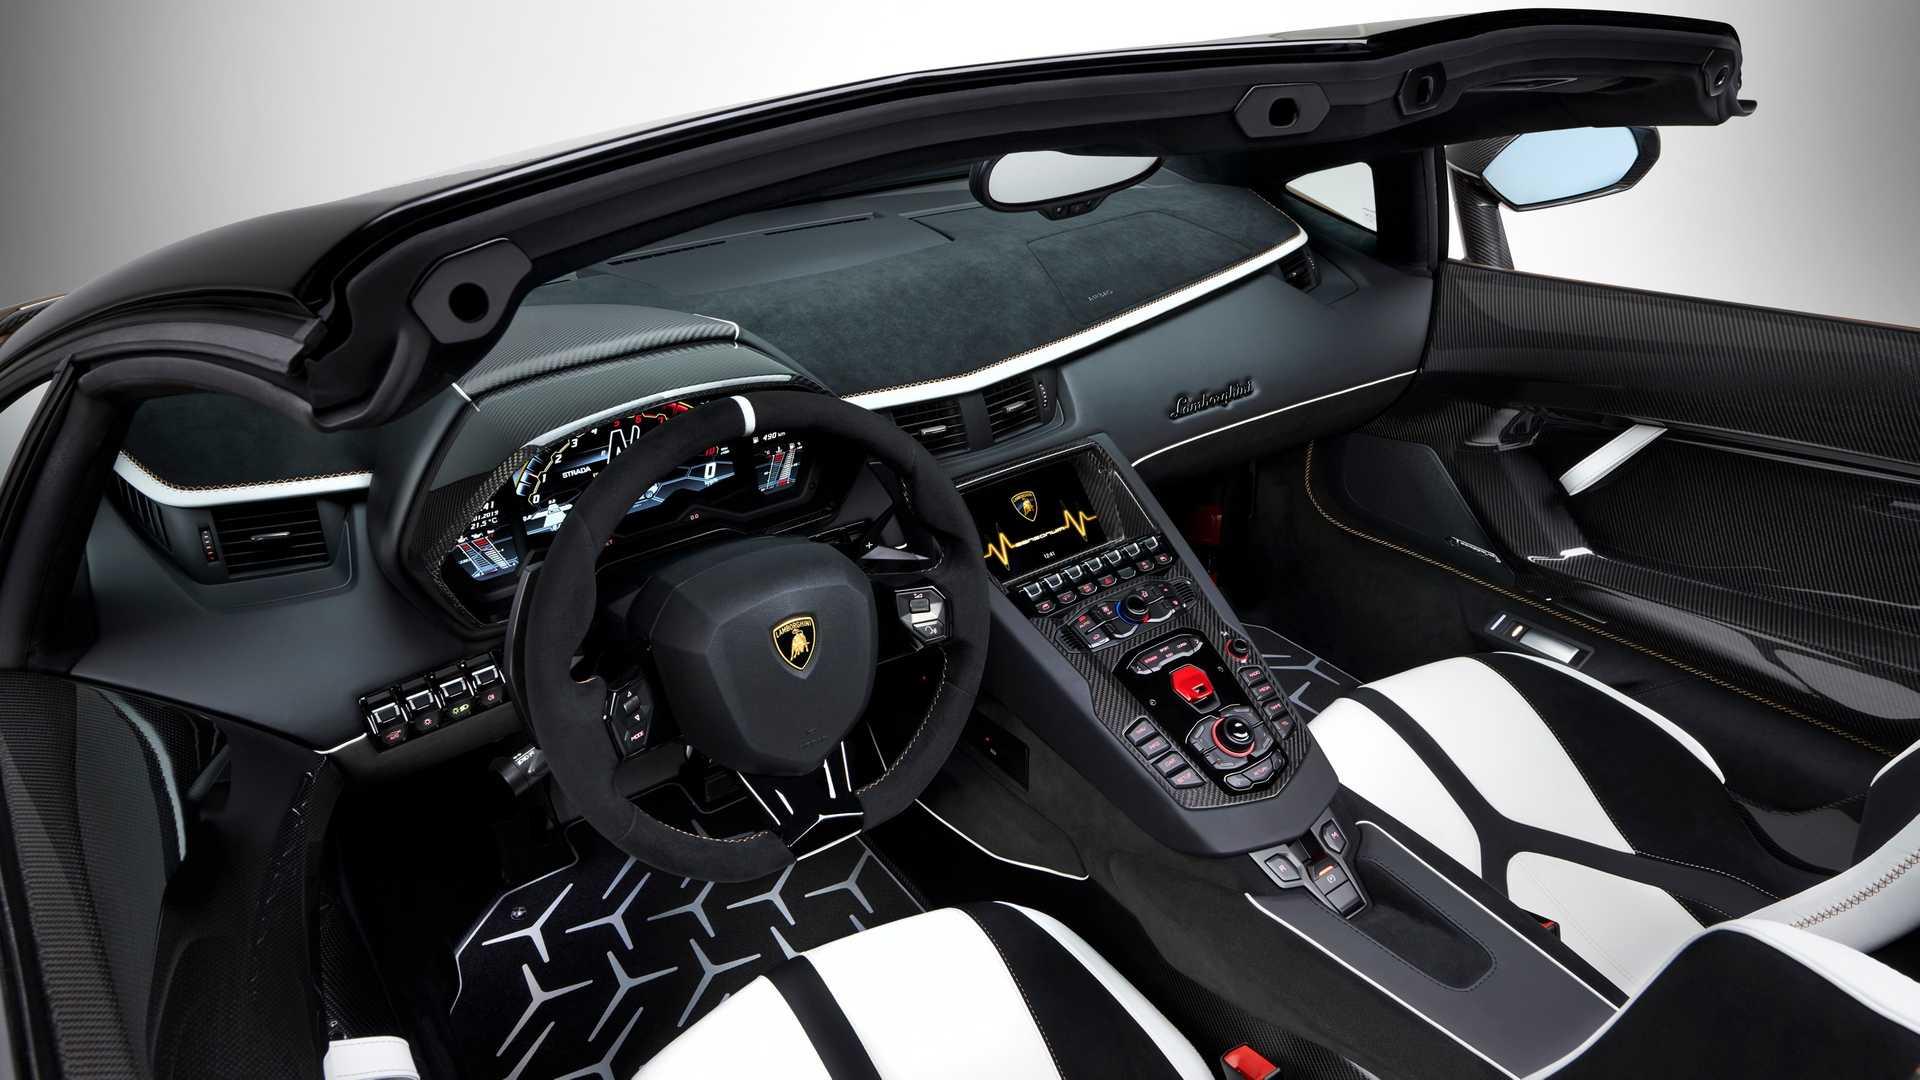 Lamborghini Aventador SVJ Roadster Geneva Motor Show 2